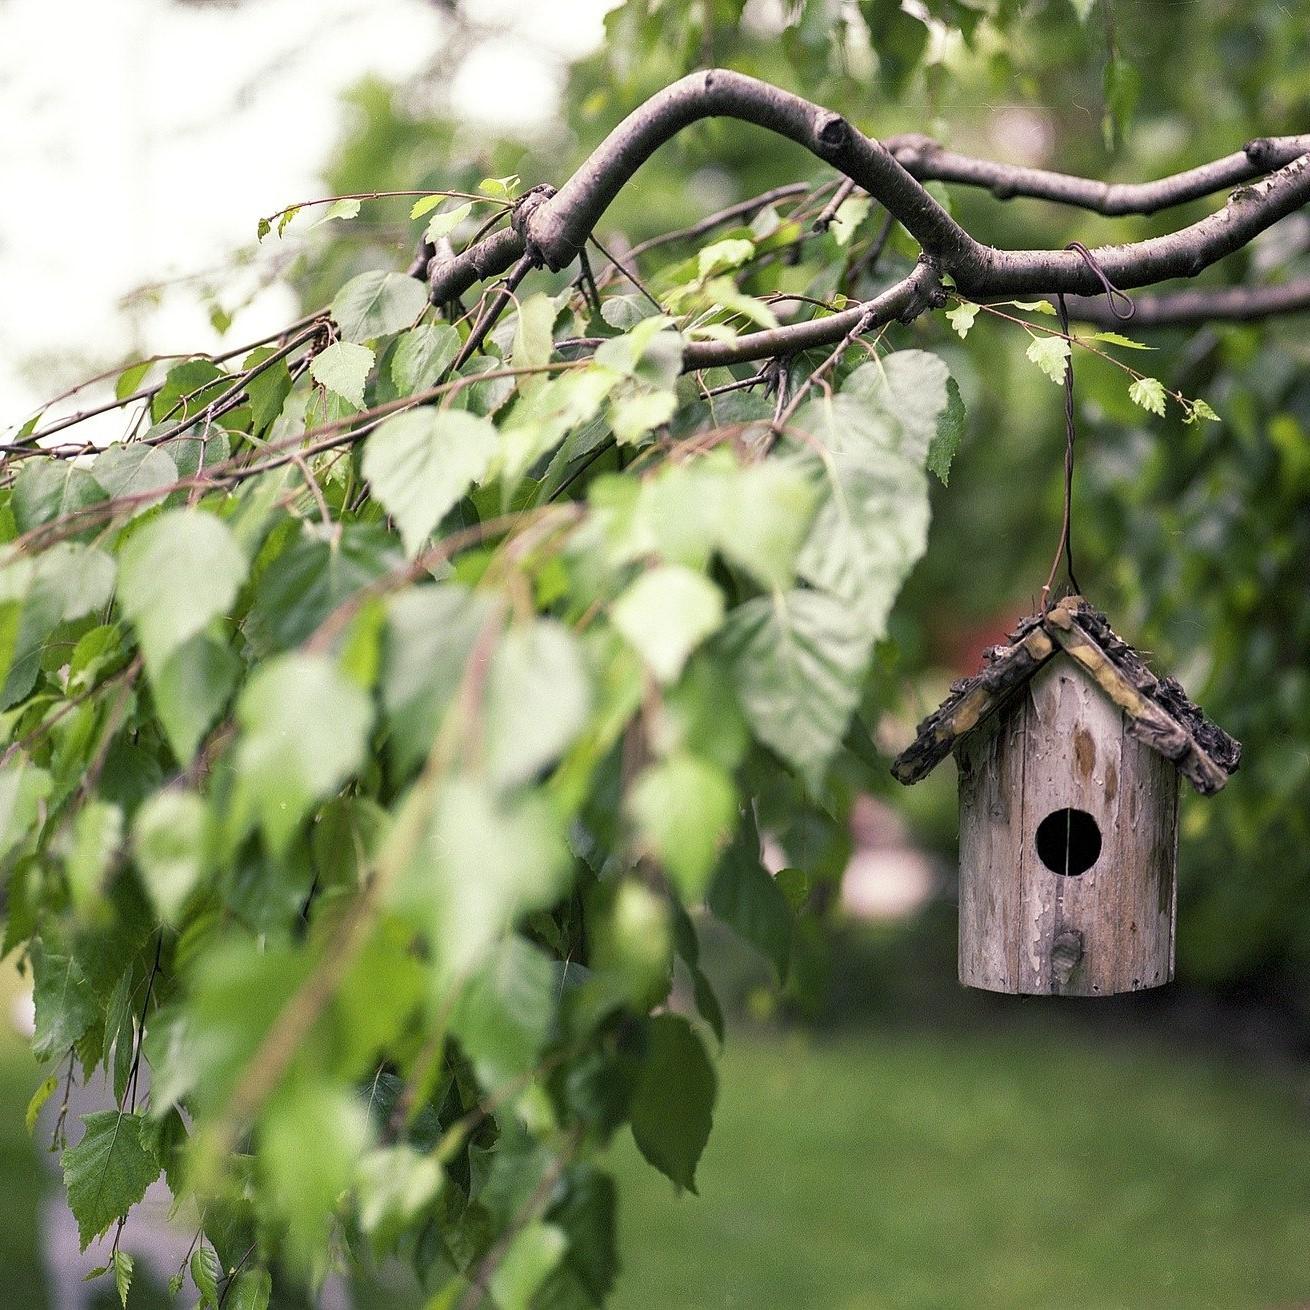 Photographie d'une branche d'arbre sur laquelle est suspendu une maison pour oiseaux en bois